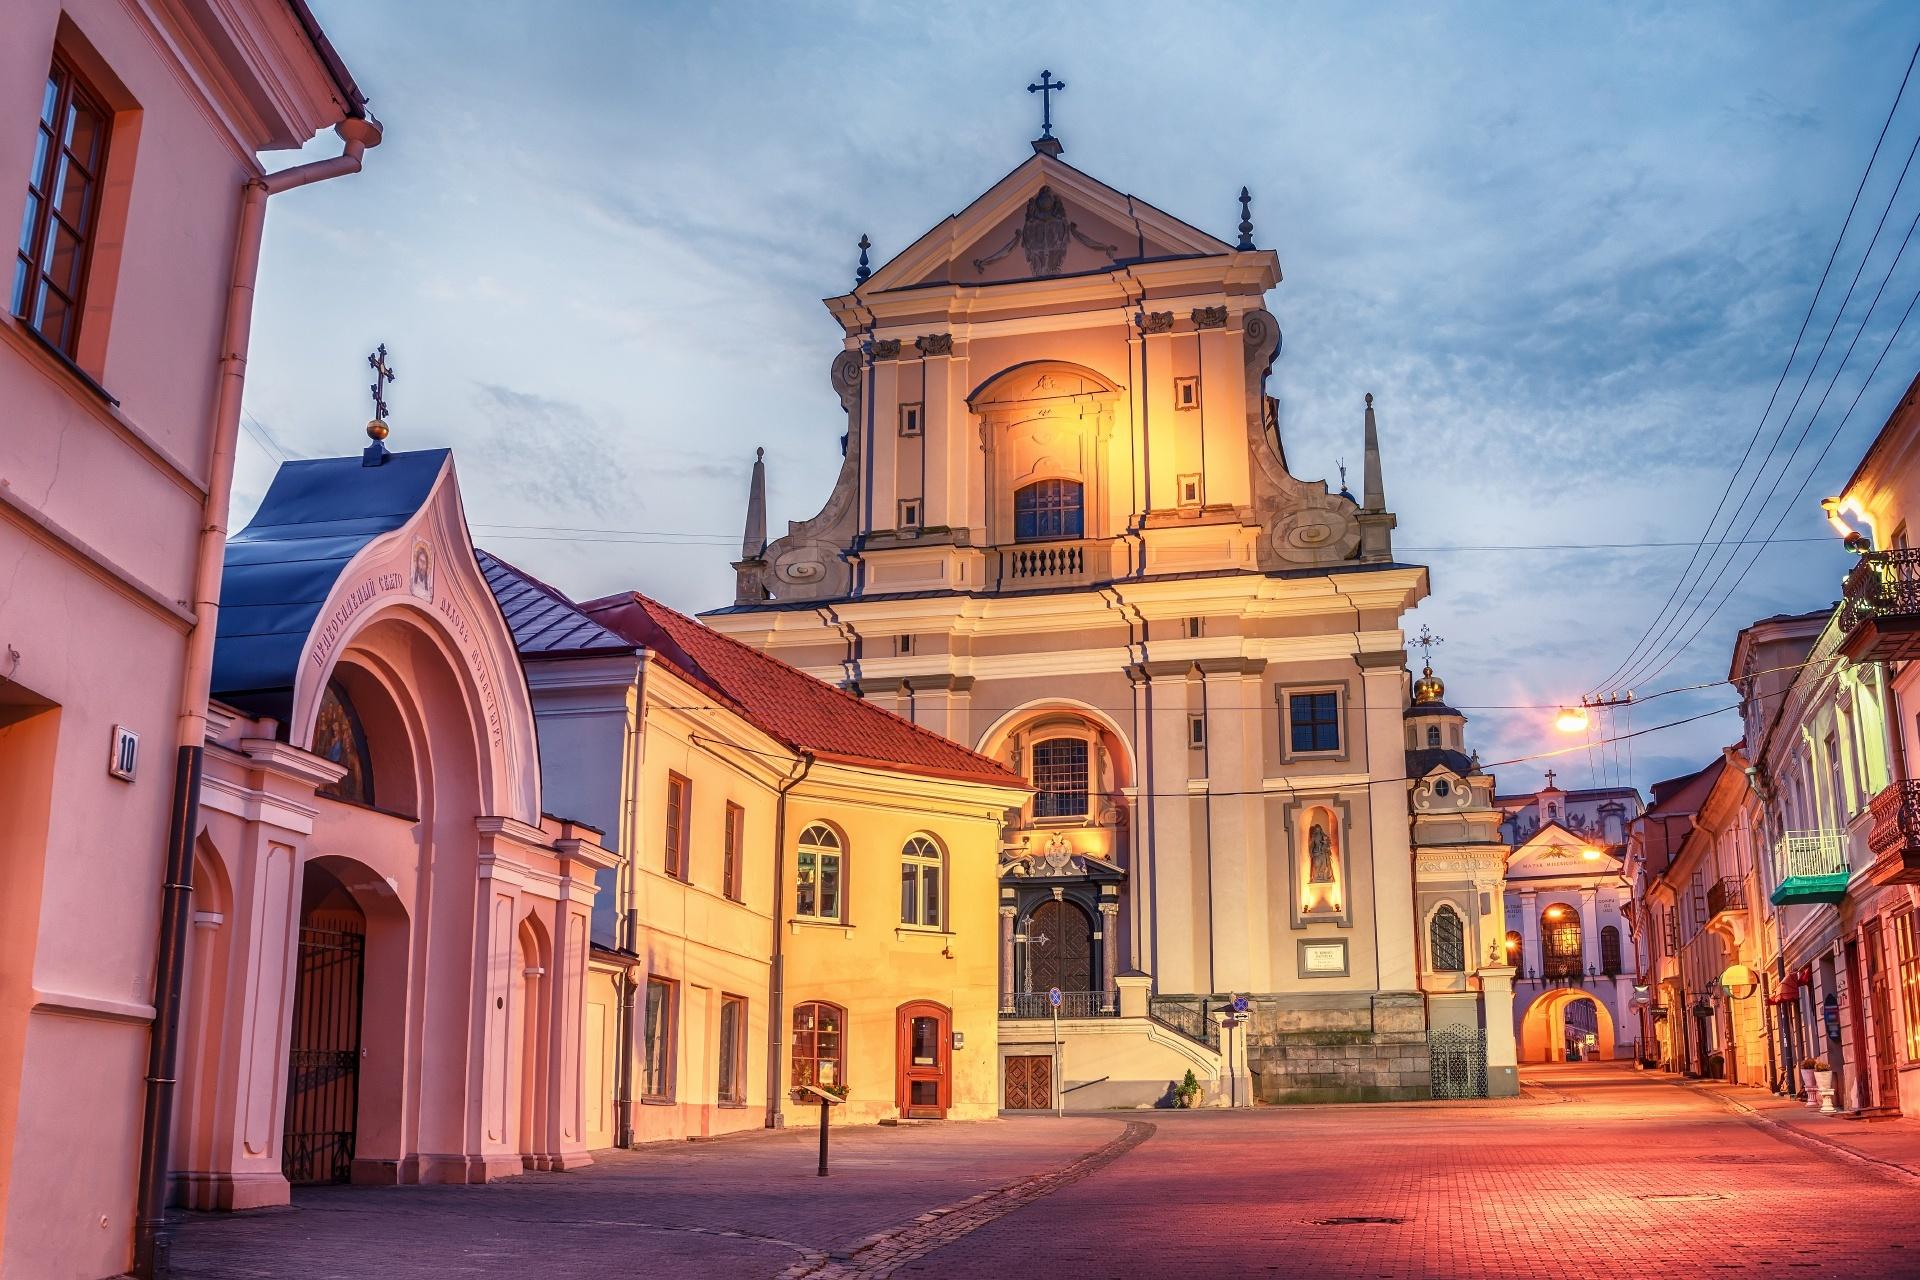 リトアニア 朝のヴィリニュスの旧市街の風景